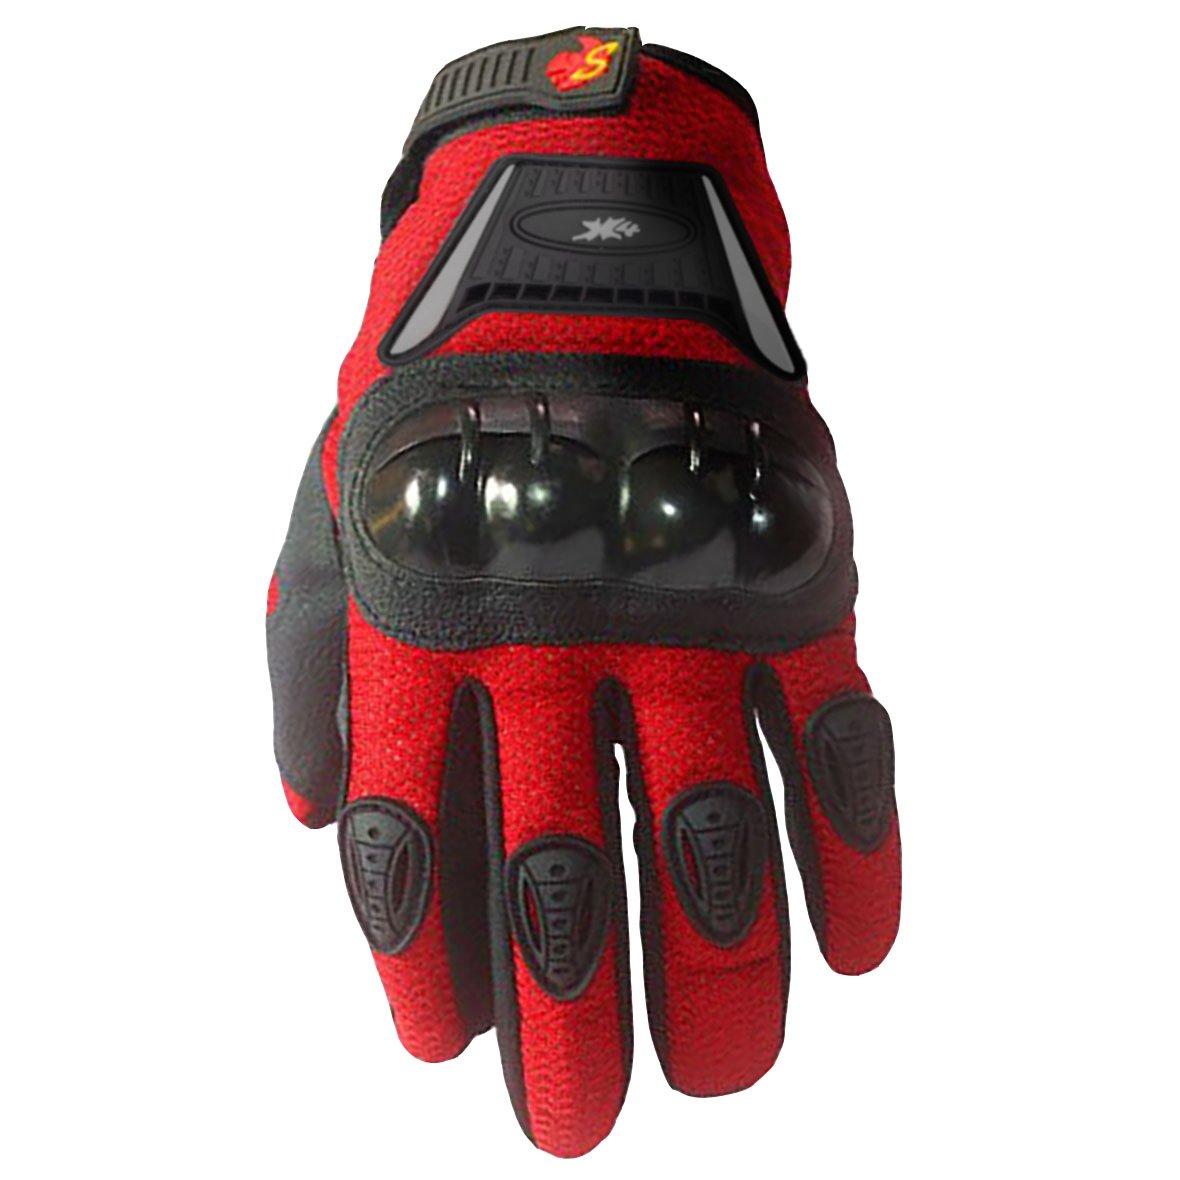 Street Bike Full Finger Motorcycle Gloves 09 (Med, Red)